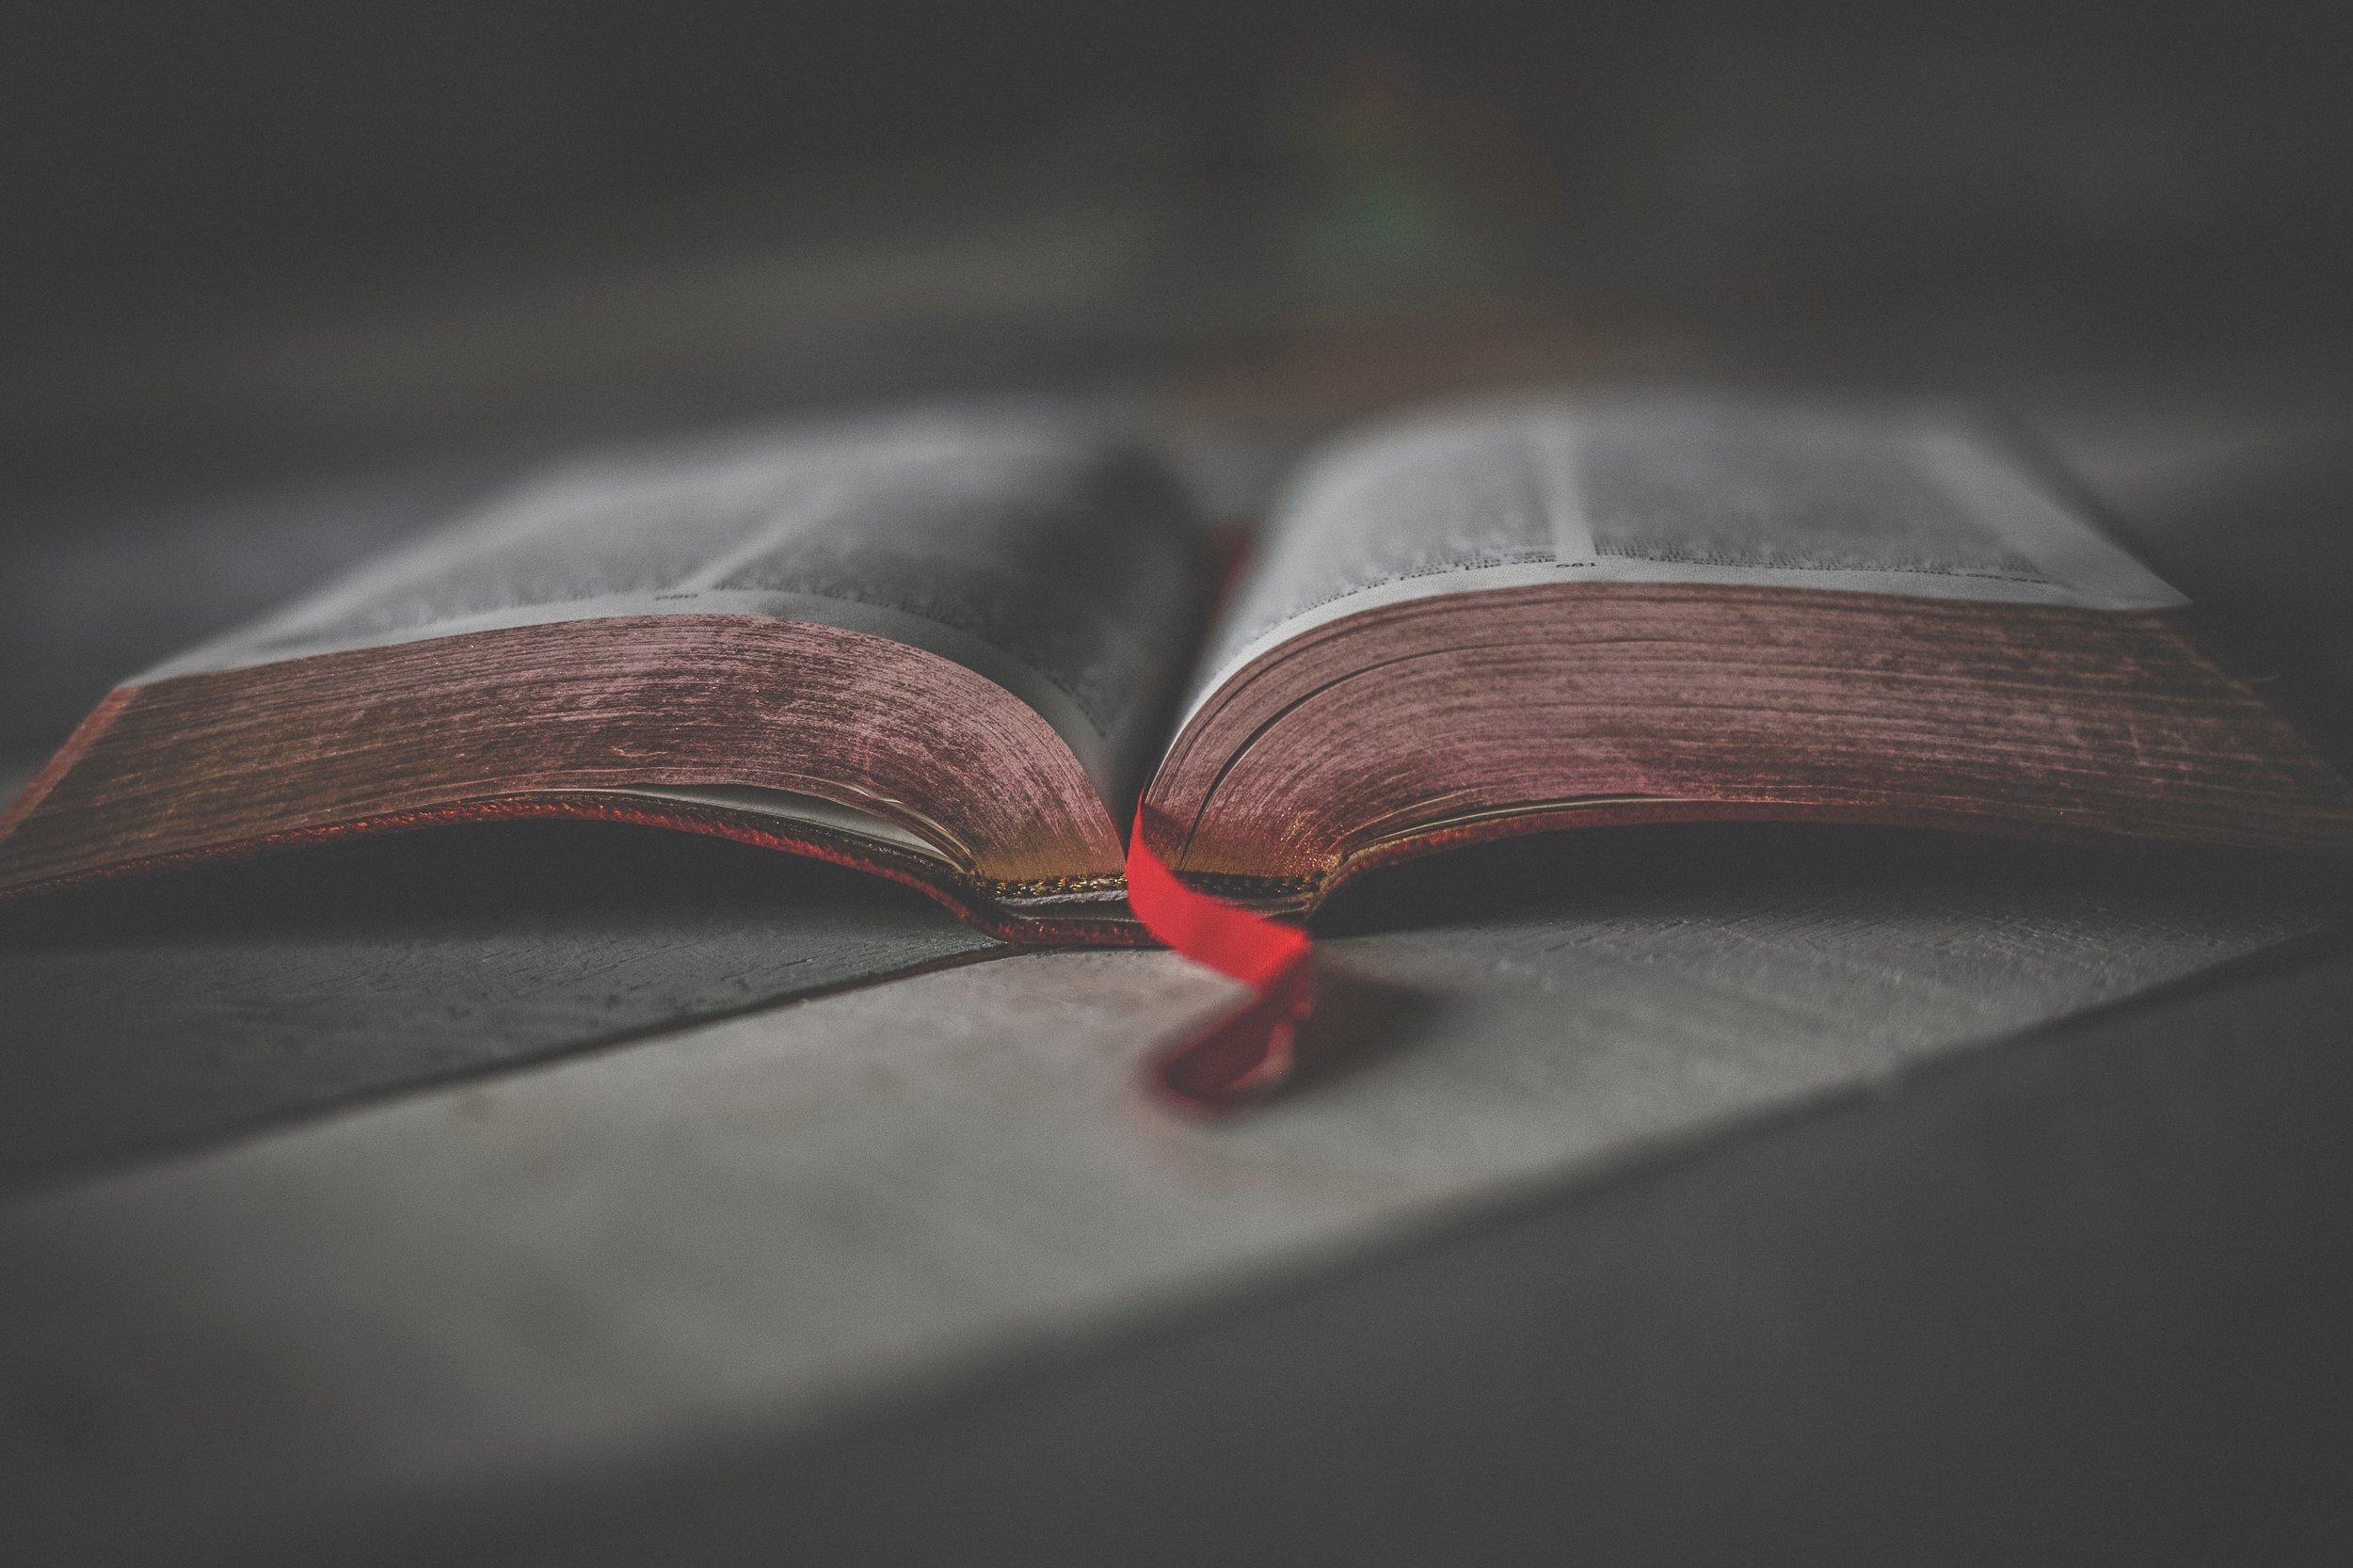 bible-biblia-book-bindings-1112048.jpg